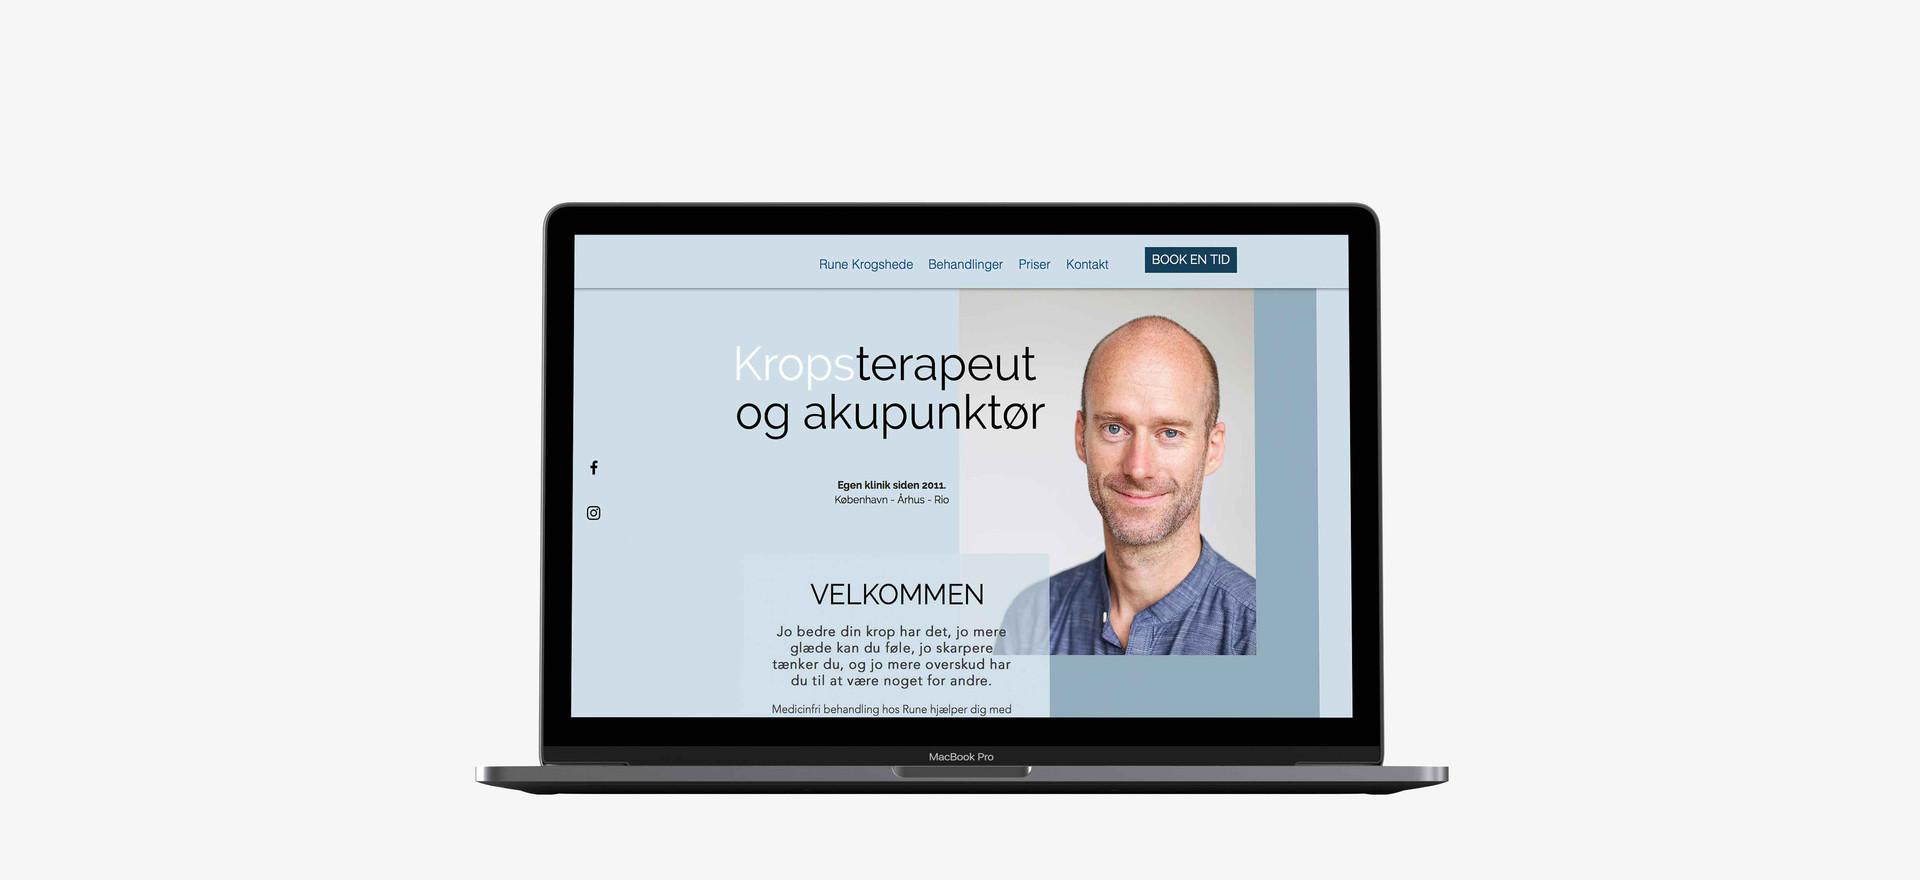 Rune Krogshede. Hjemmeside lavet i Wix. Billedet linker til hjemmesiden.